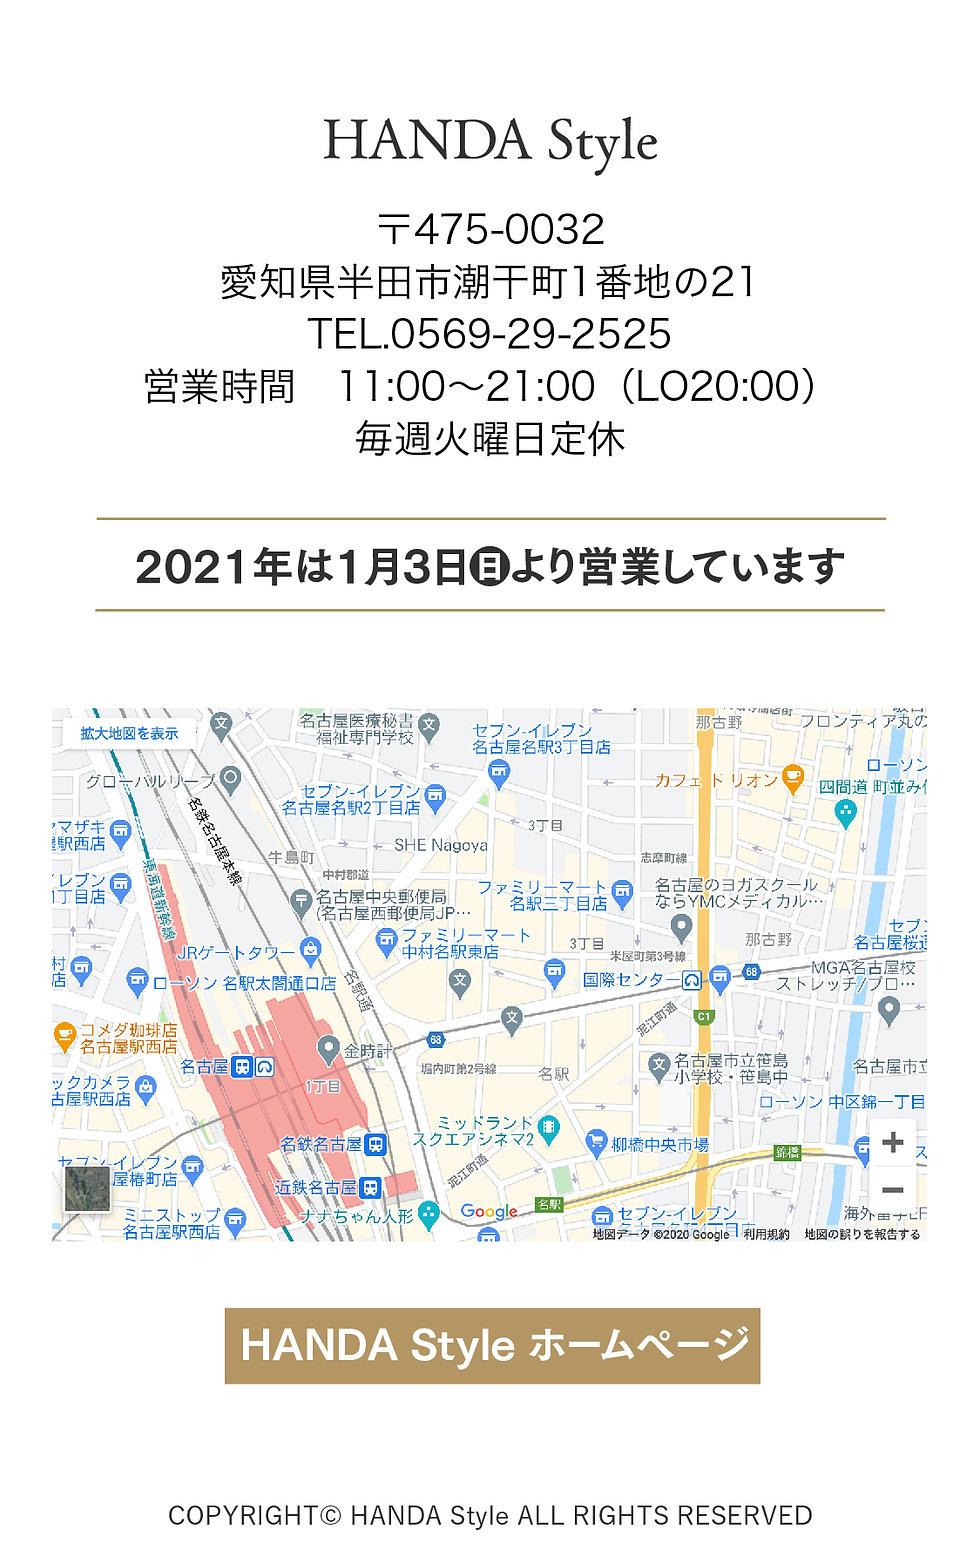 アセット 23webseisaku.jpg